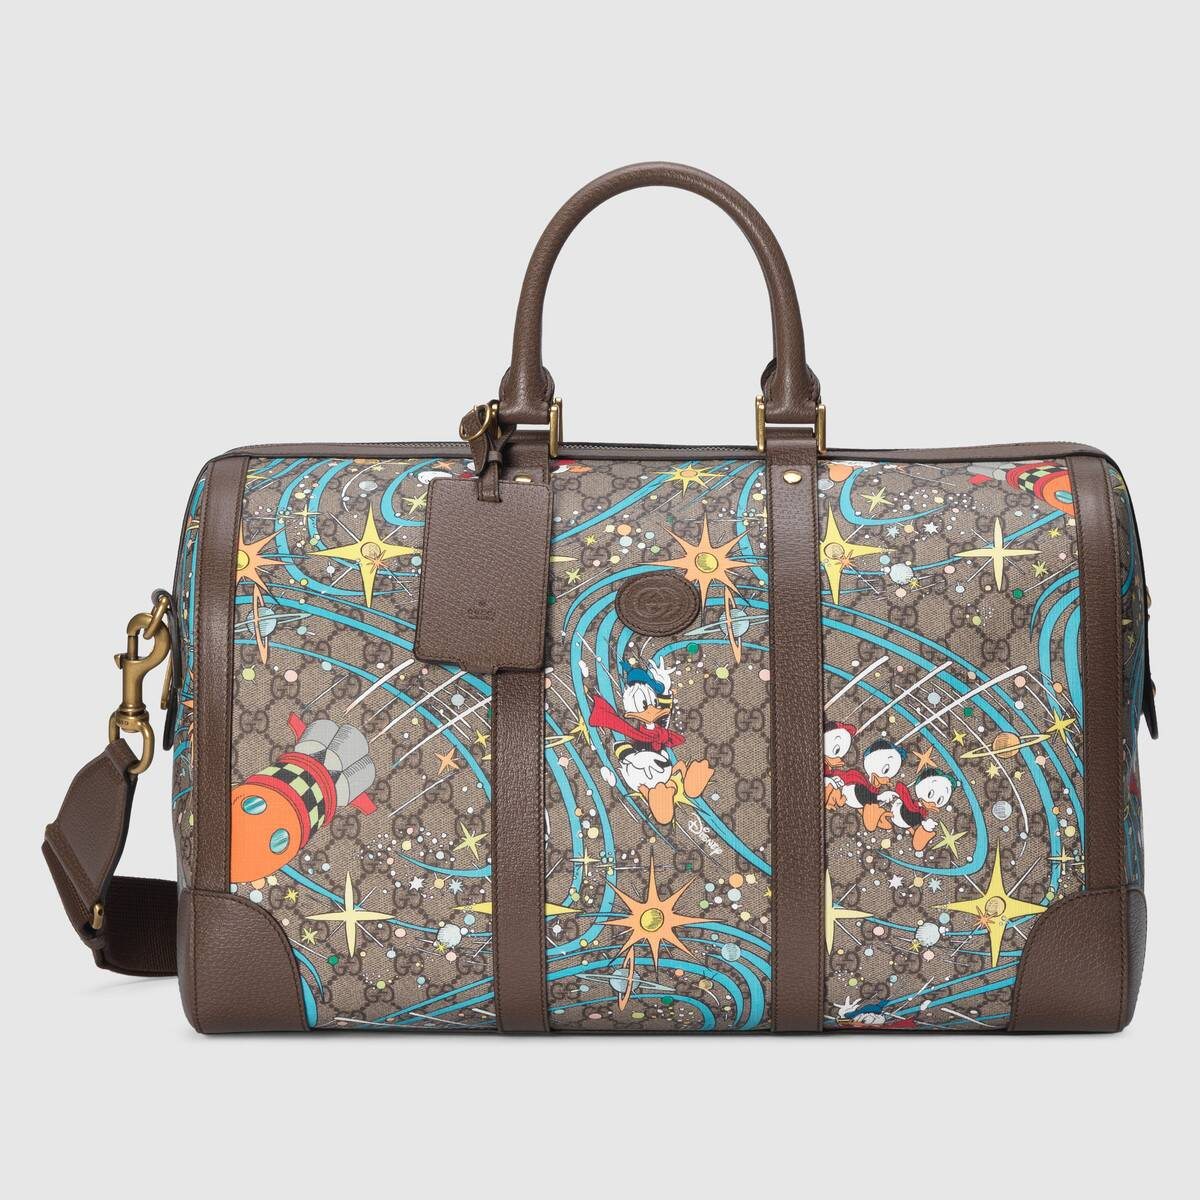 Bolsa de viaje de Gucci